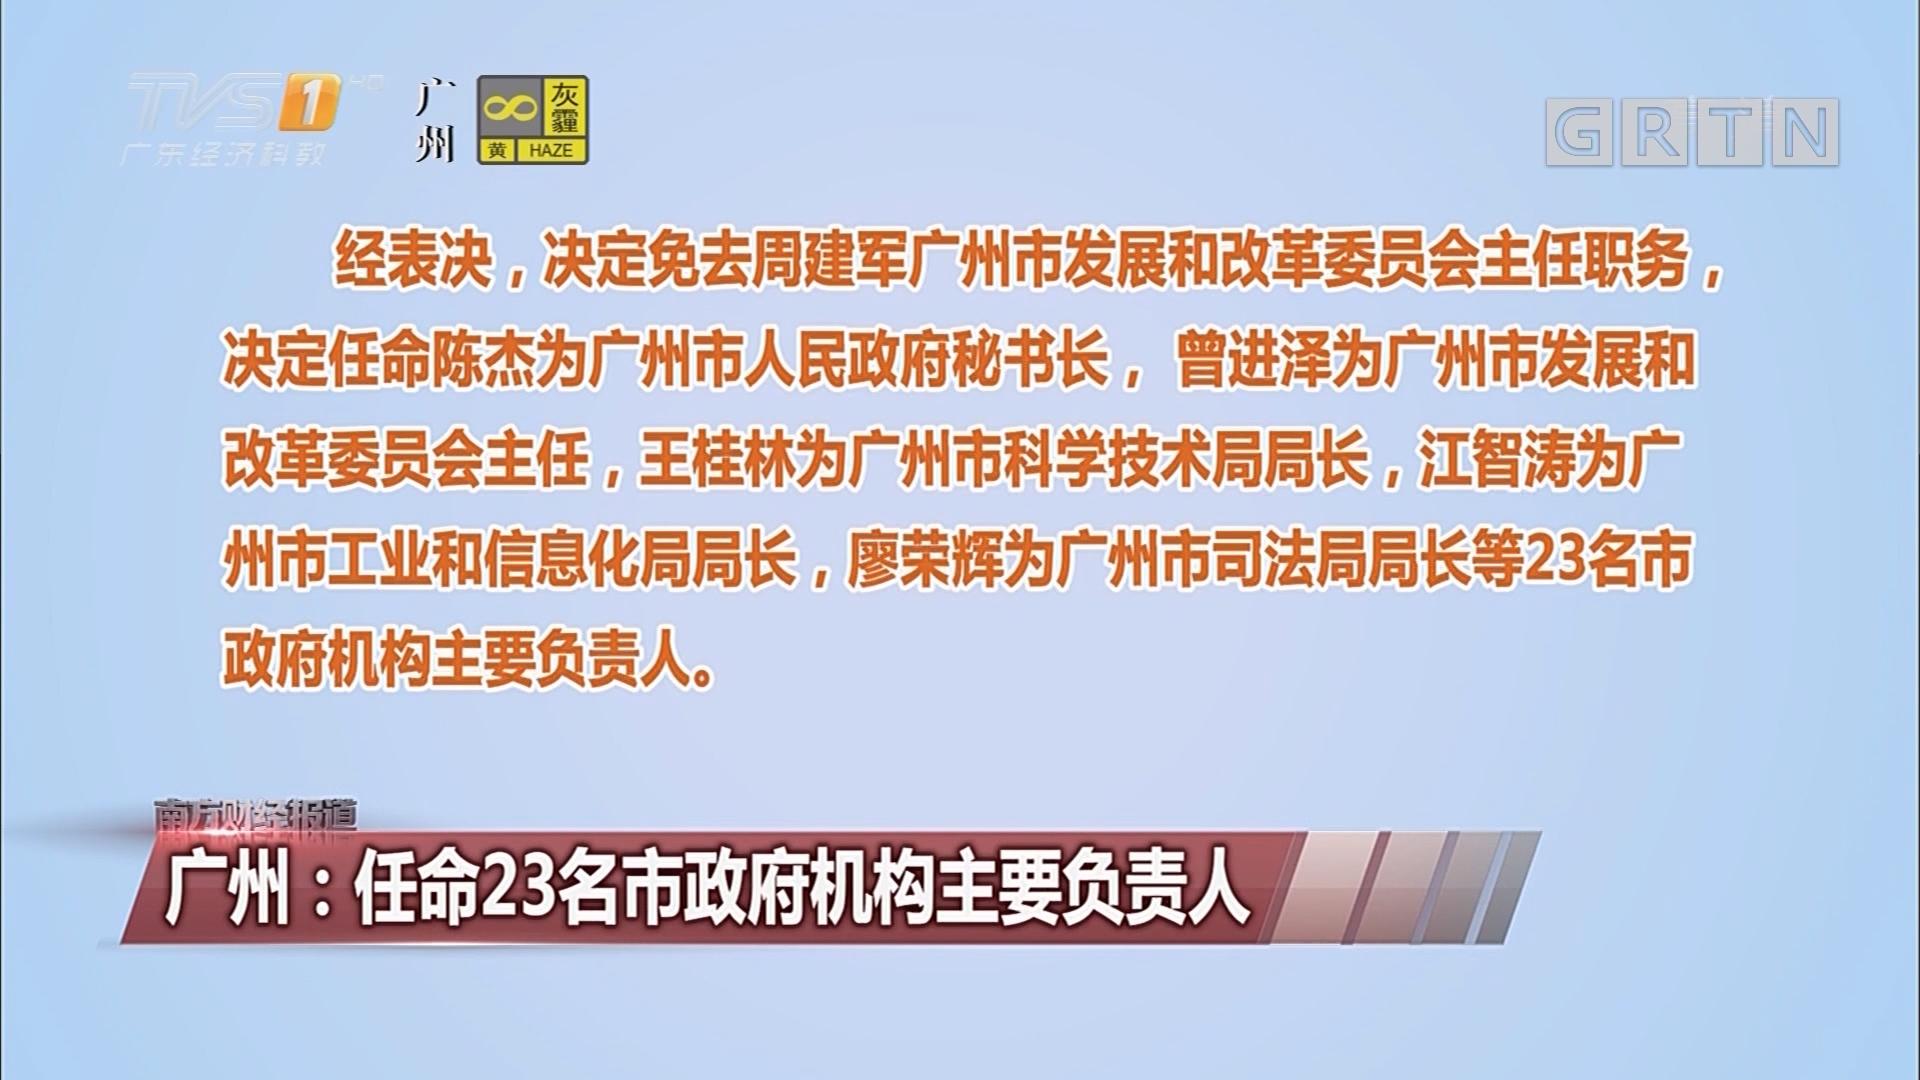 广州:任命23名市政府机构主要负责人